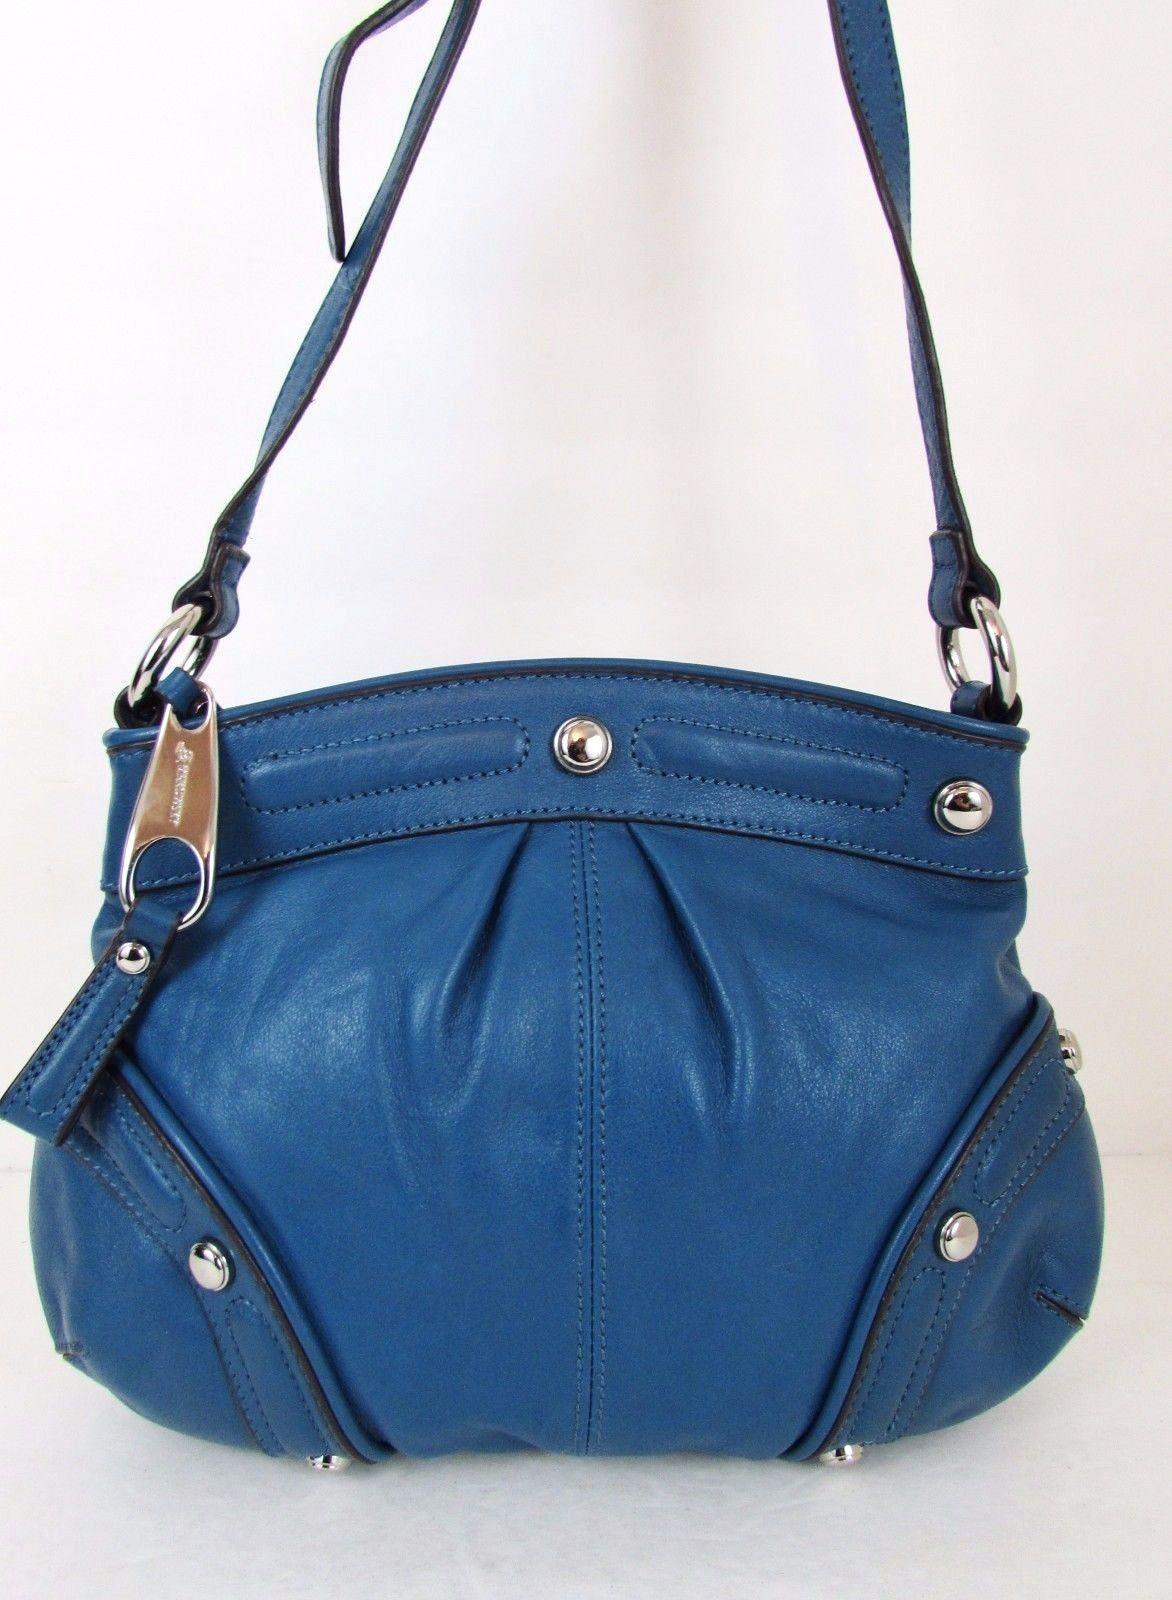 B Makowsky Blue Leather Shoulder Bag Ebay